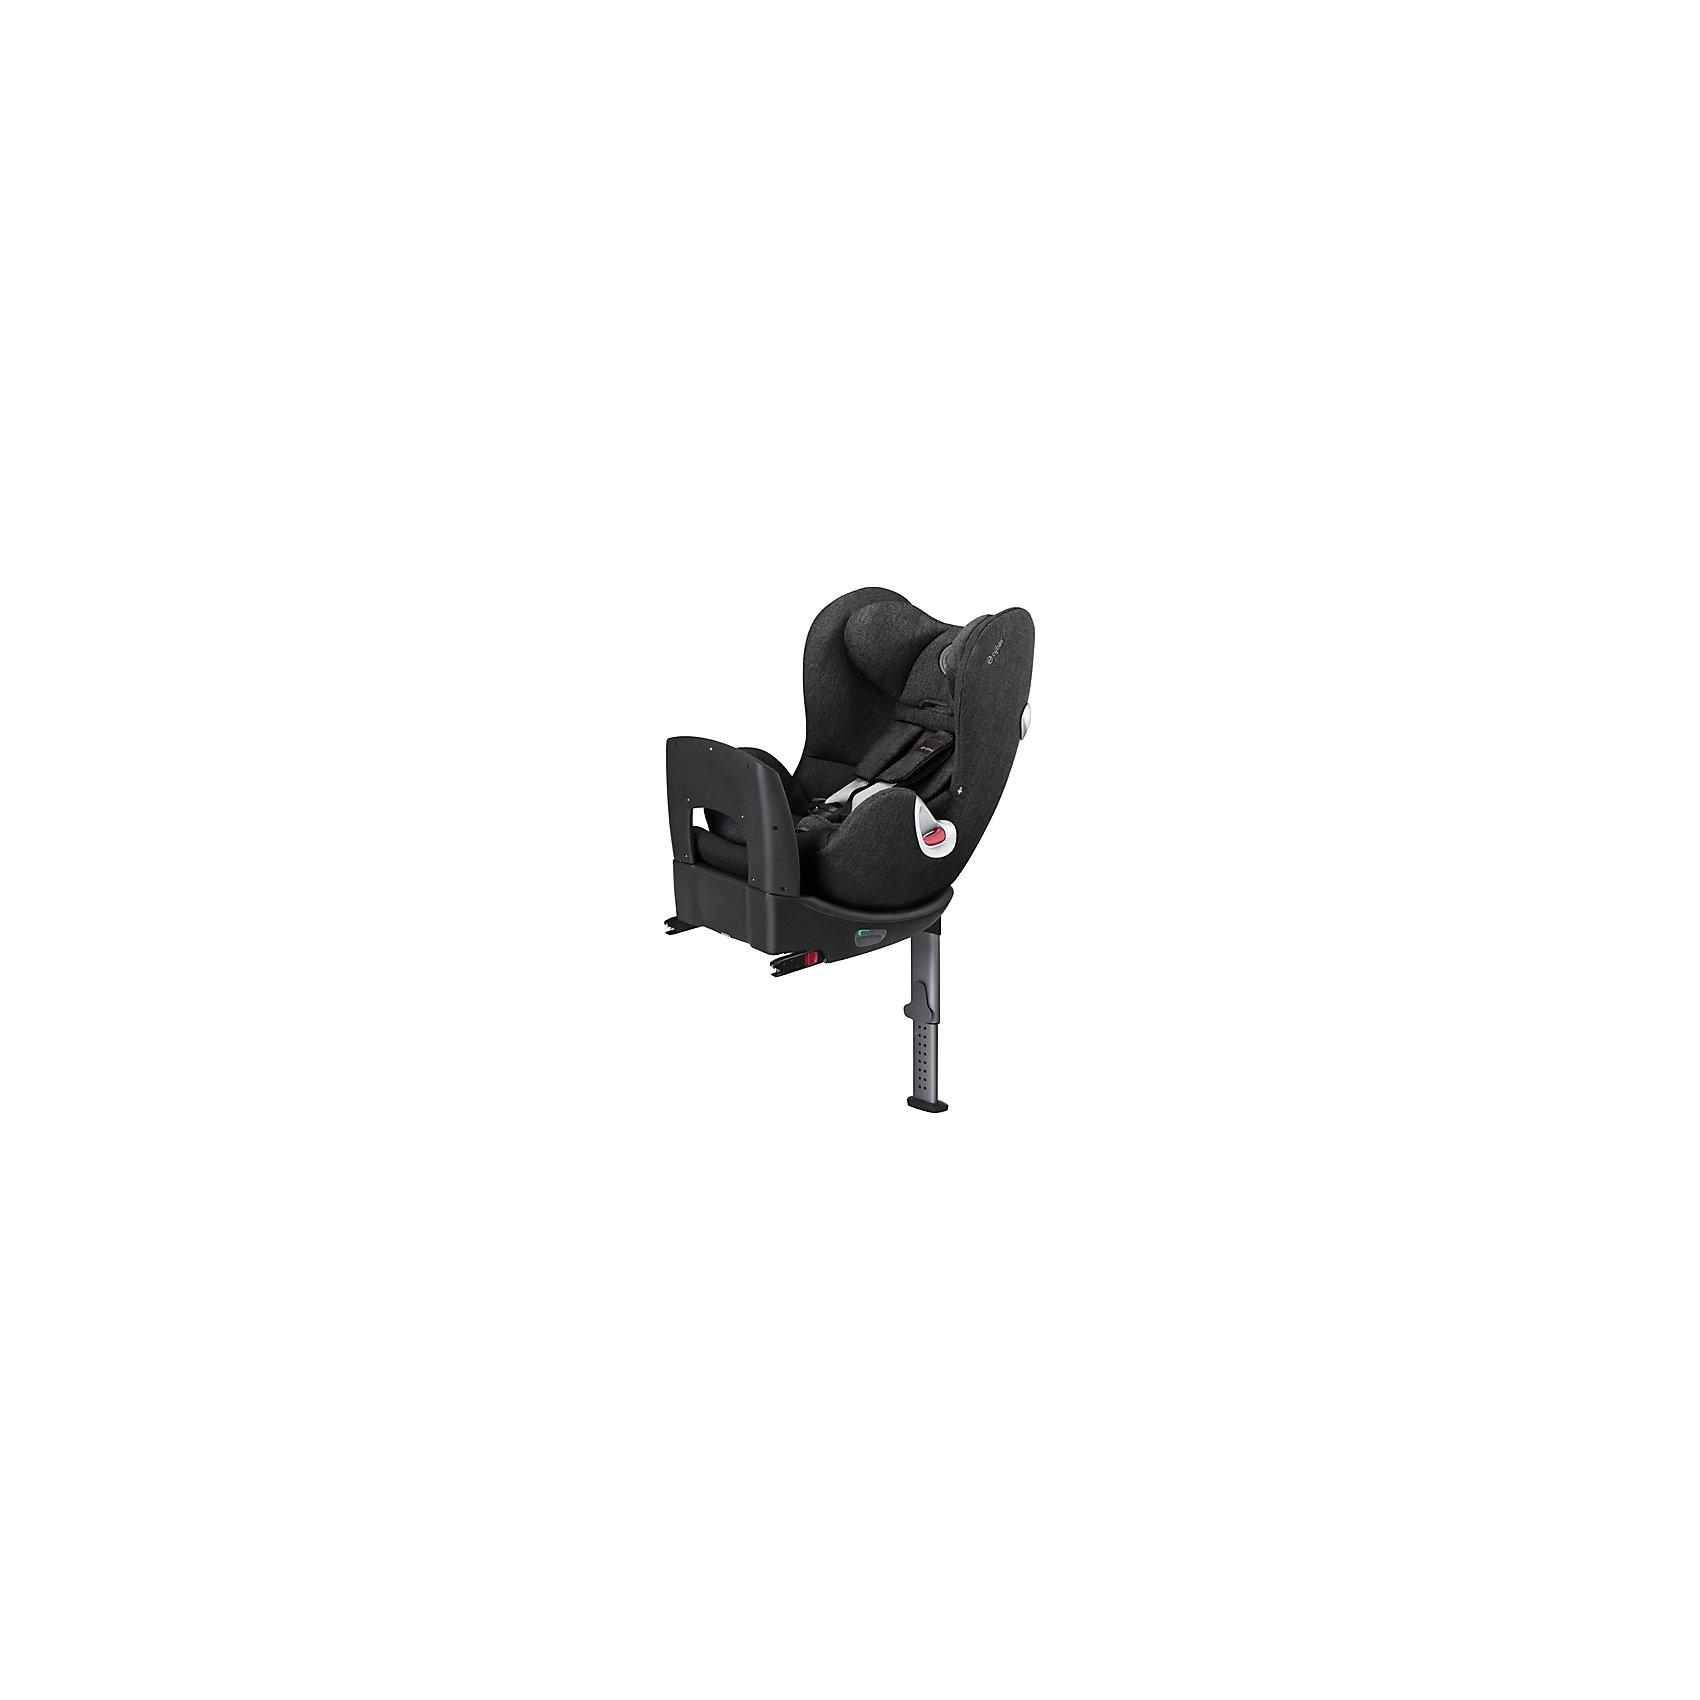 Cybex Автокресло Sirona PLUS, 0-25 кг., Cybex, Black Beauty автокресло cybex sirona 0 18 кг black beauty